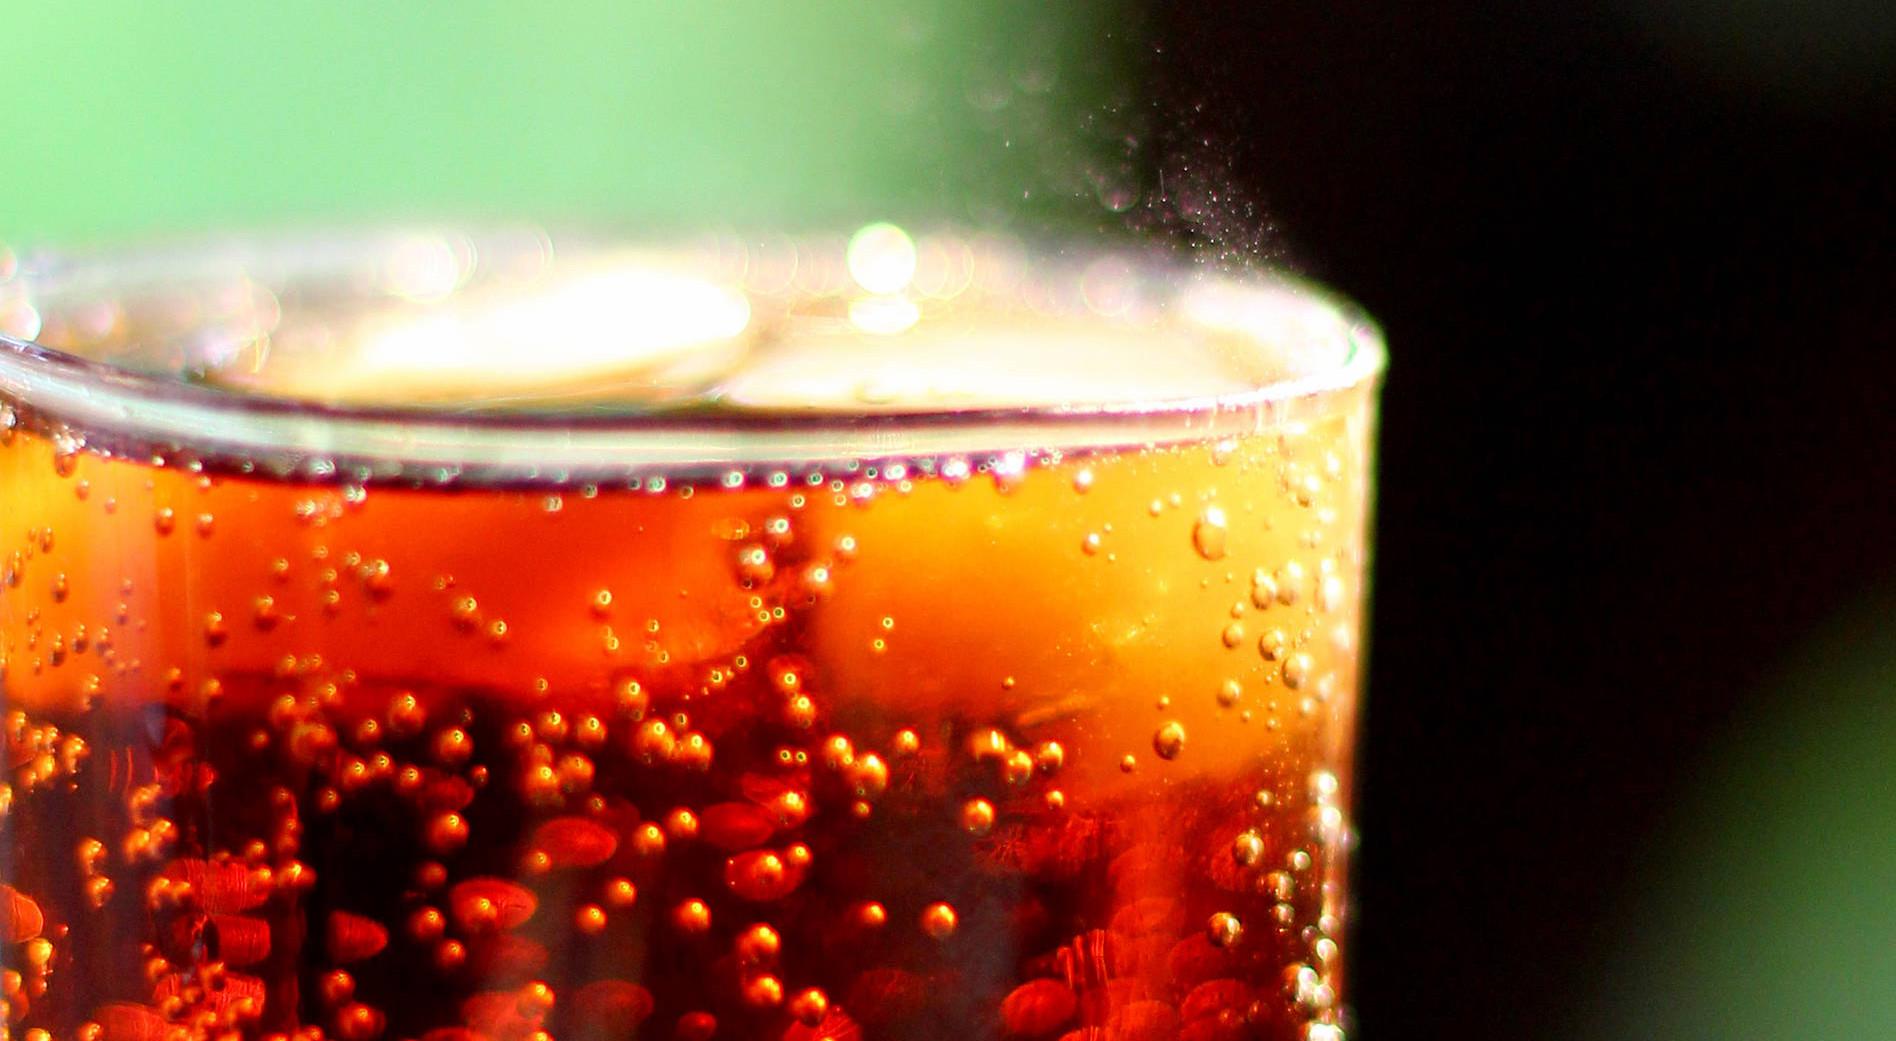 Coca-Cola, 7 Up i MMS: toxicitat o estupidesa?